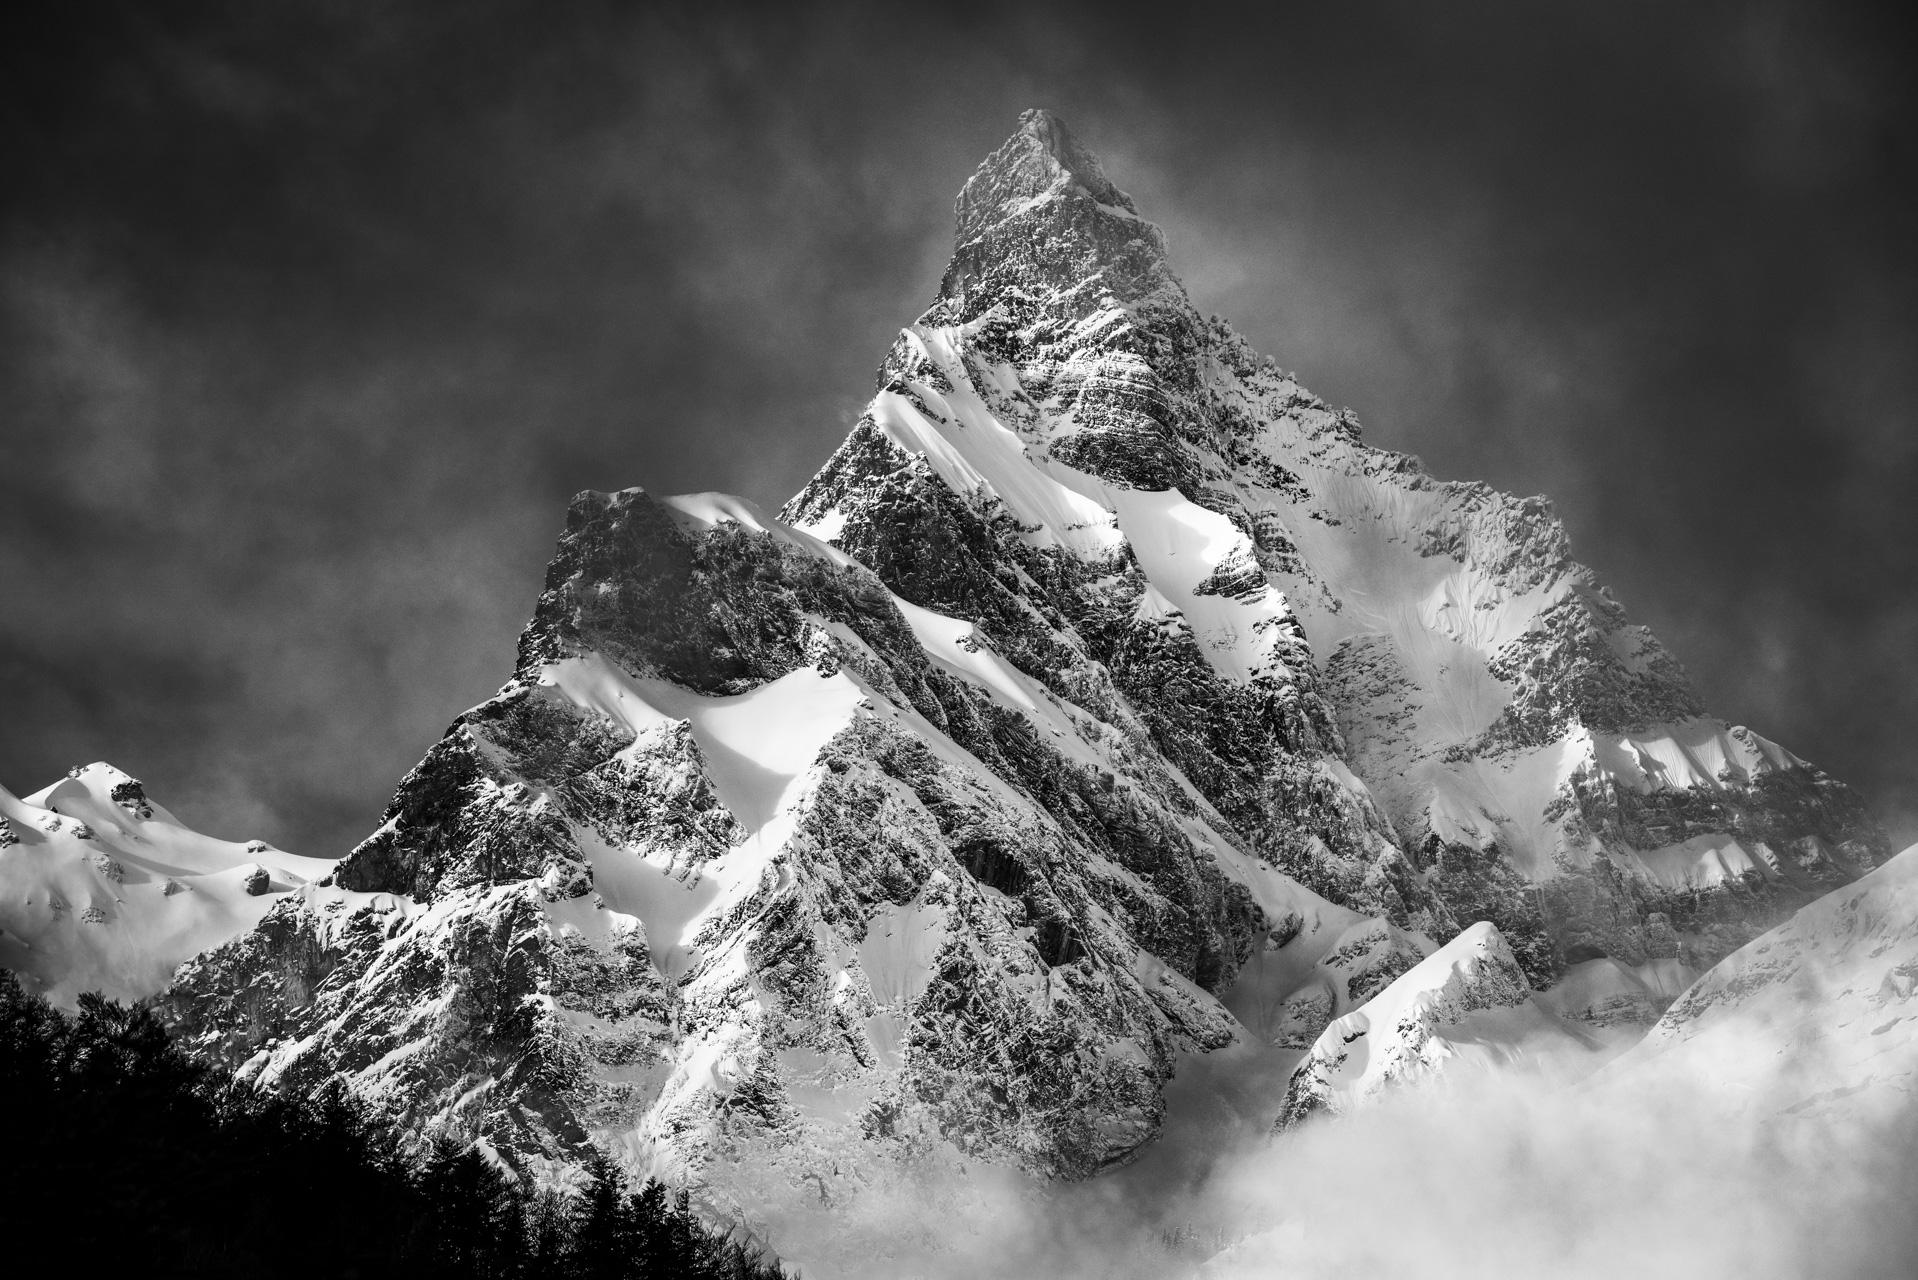 Photo photo de montagne en noir et blanc Alpes - Photo montagne neige